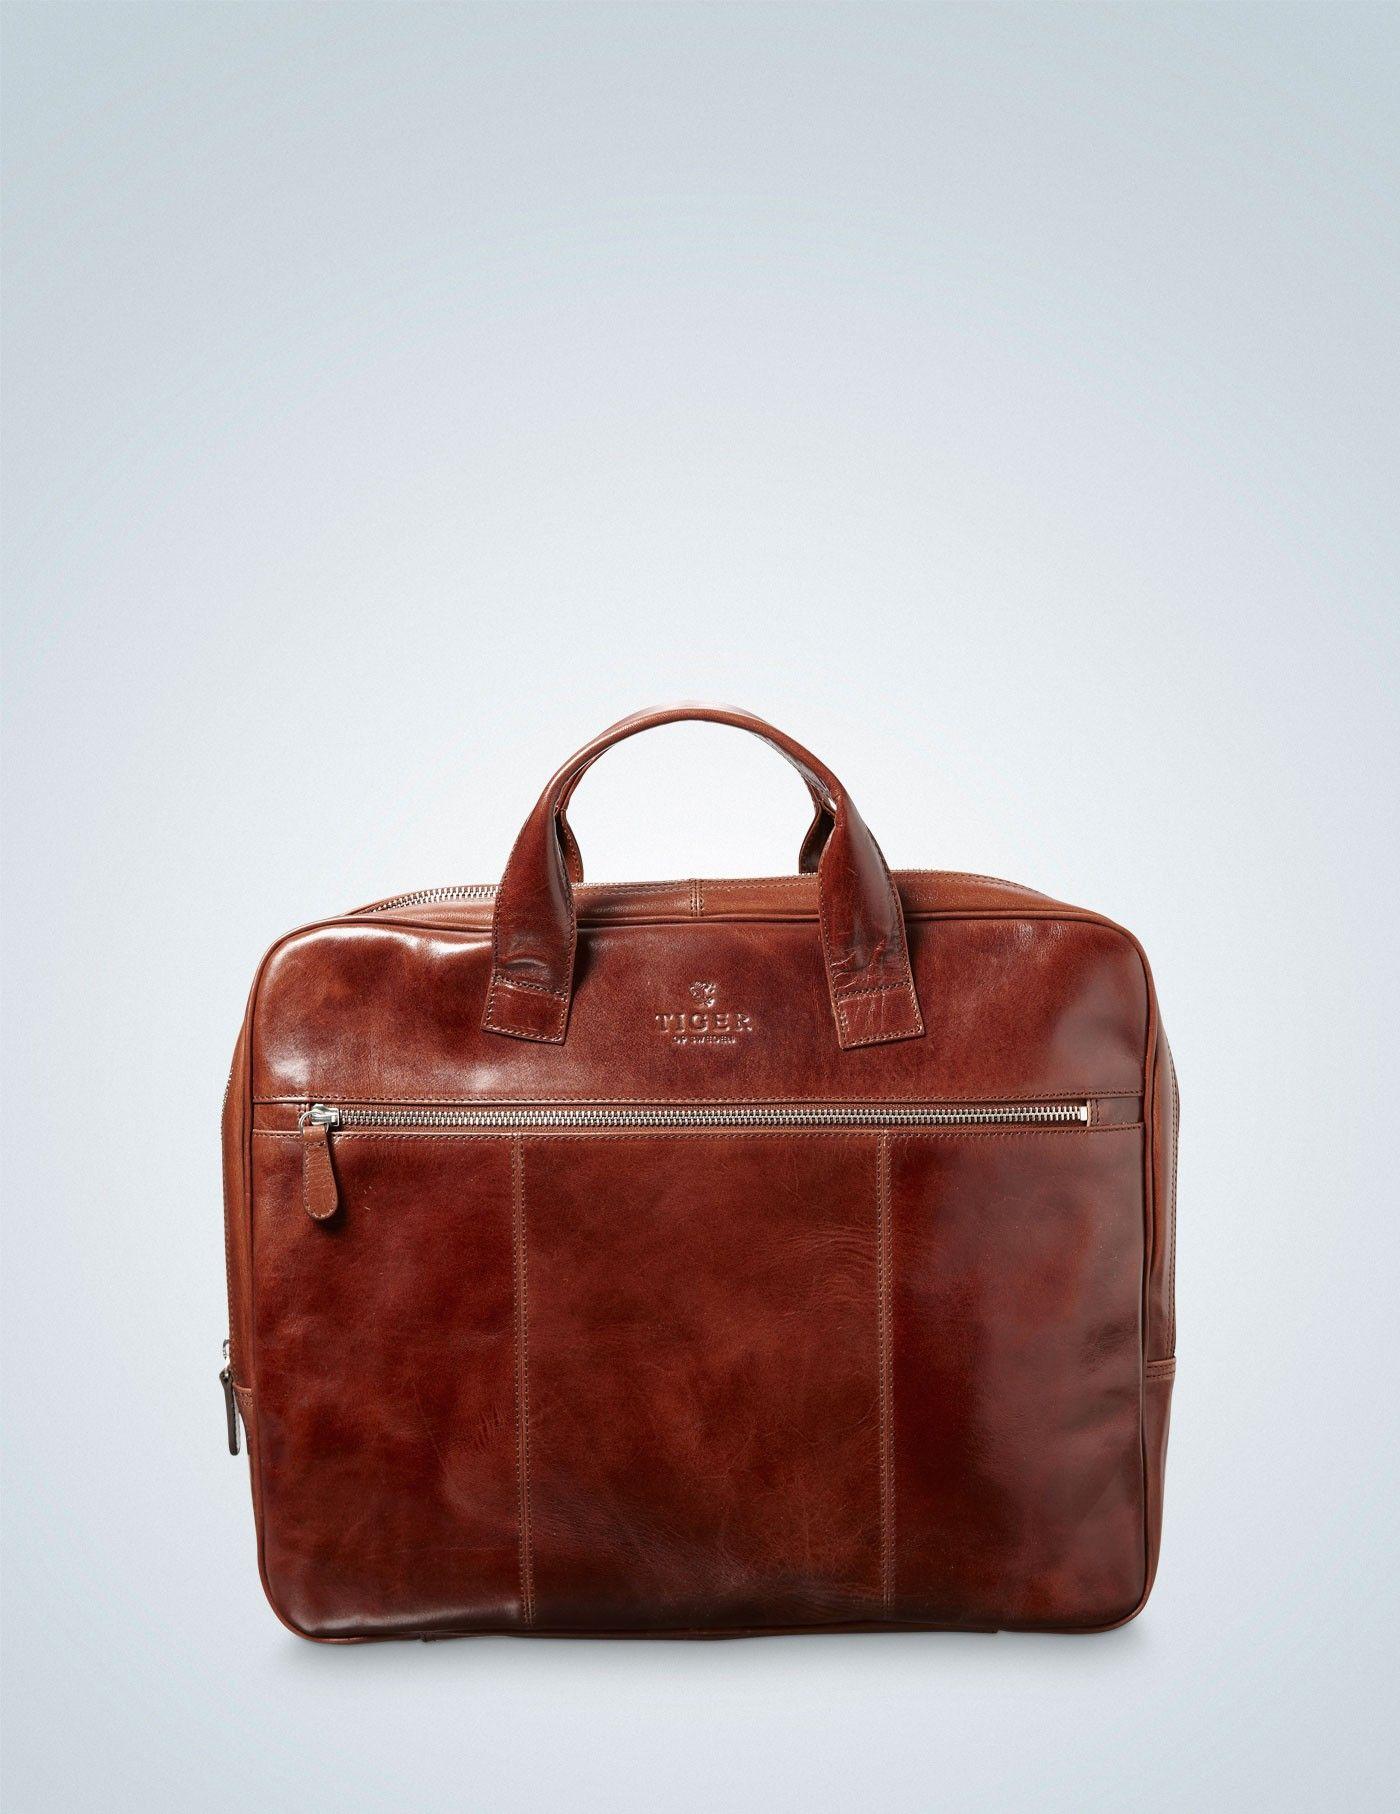 bda32e5e Emir bag - Bags | Tiger of Sweden | What I wish for Christmas, wink ...